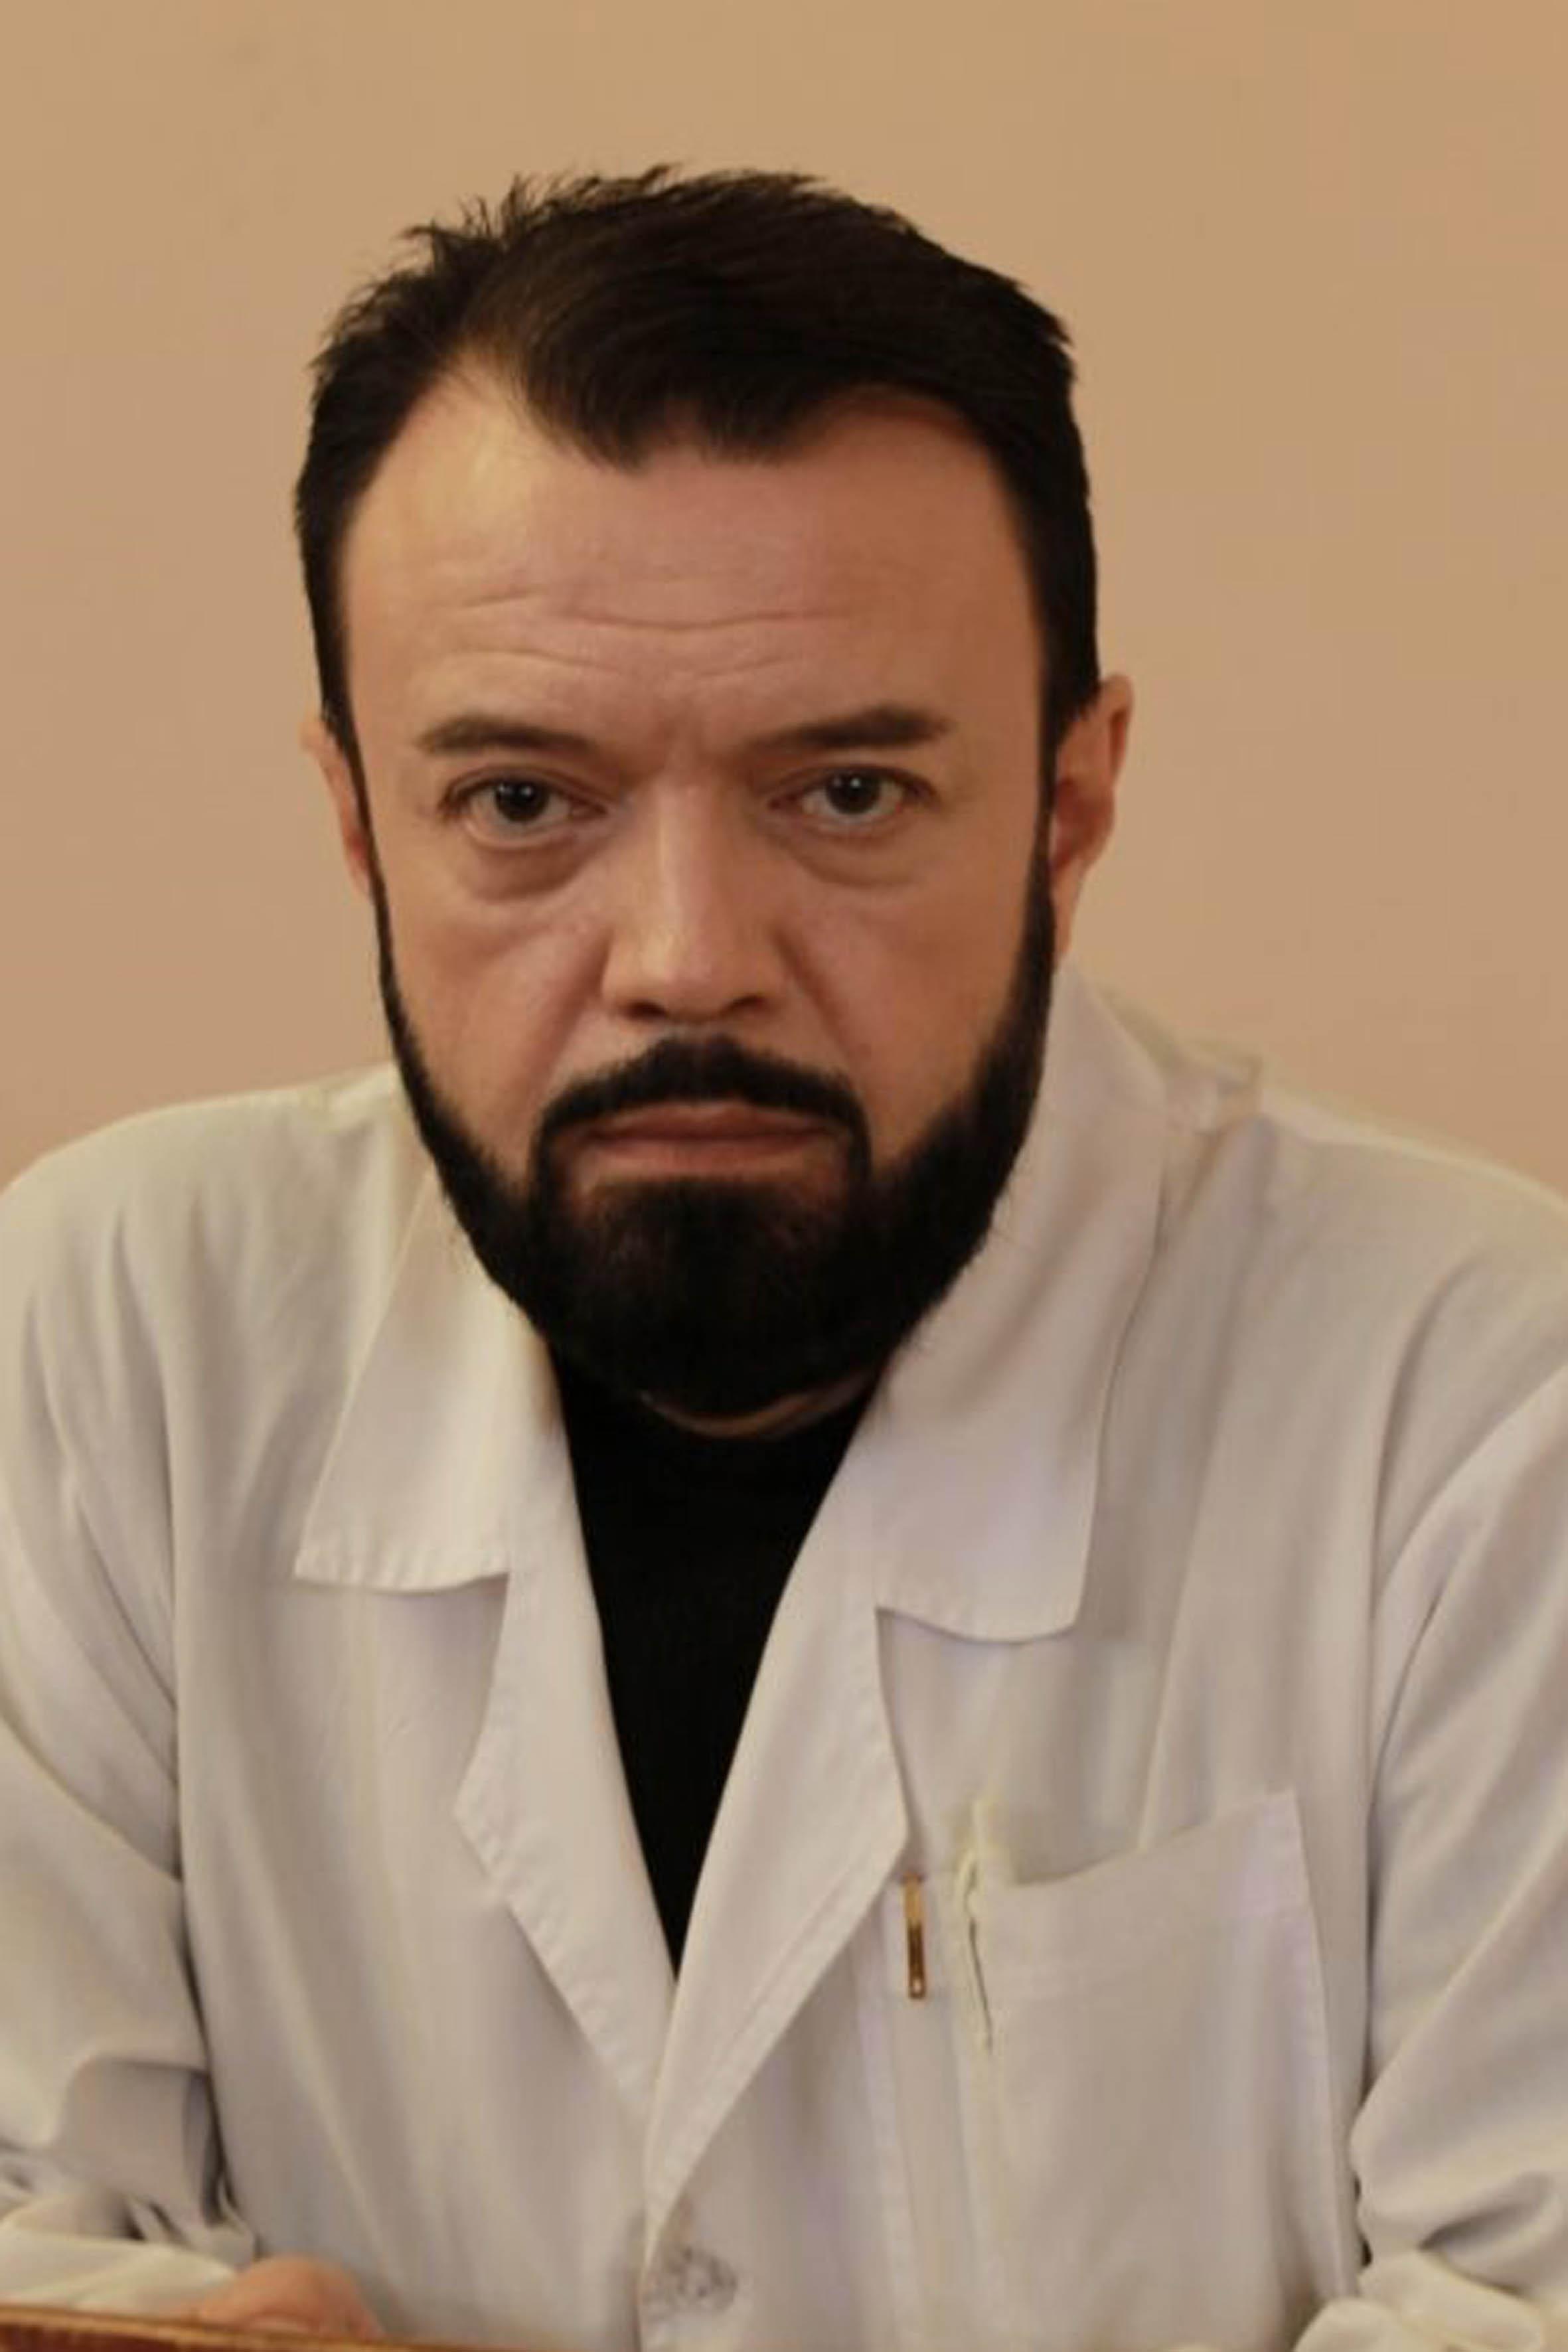 Демидов Игорь Анатольевич. Кардиолог. Ревматолог. Эндокринолог